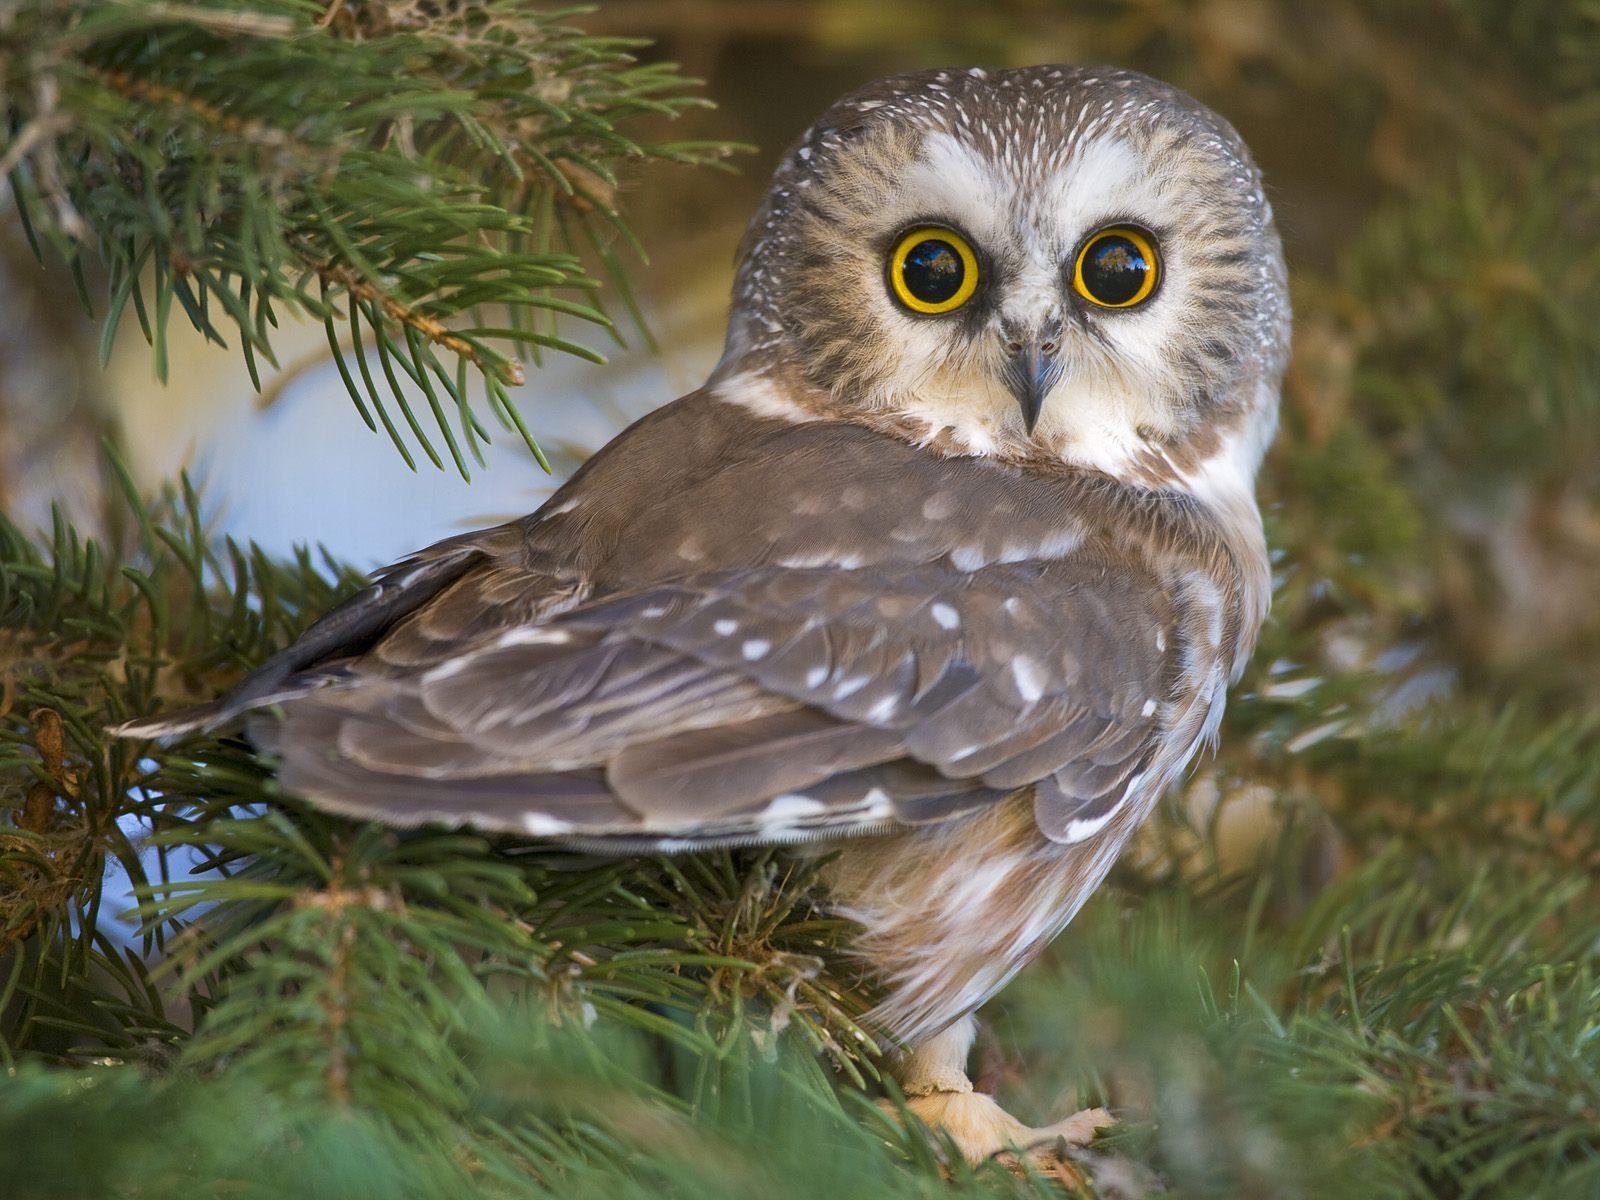 032 ptáci - sova - birds - owl